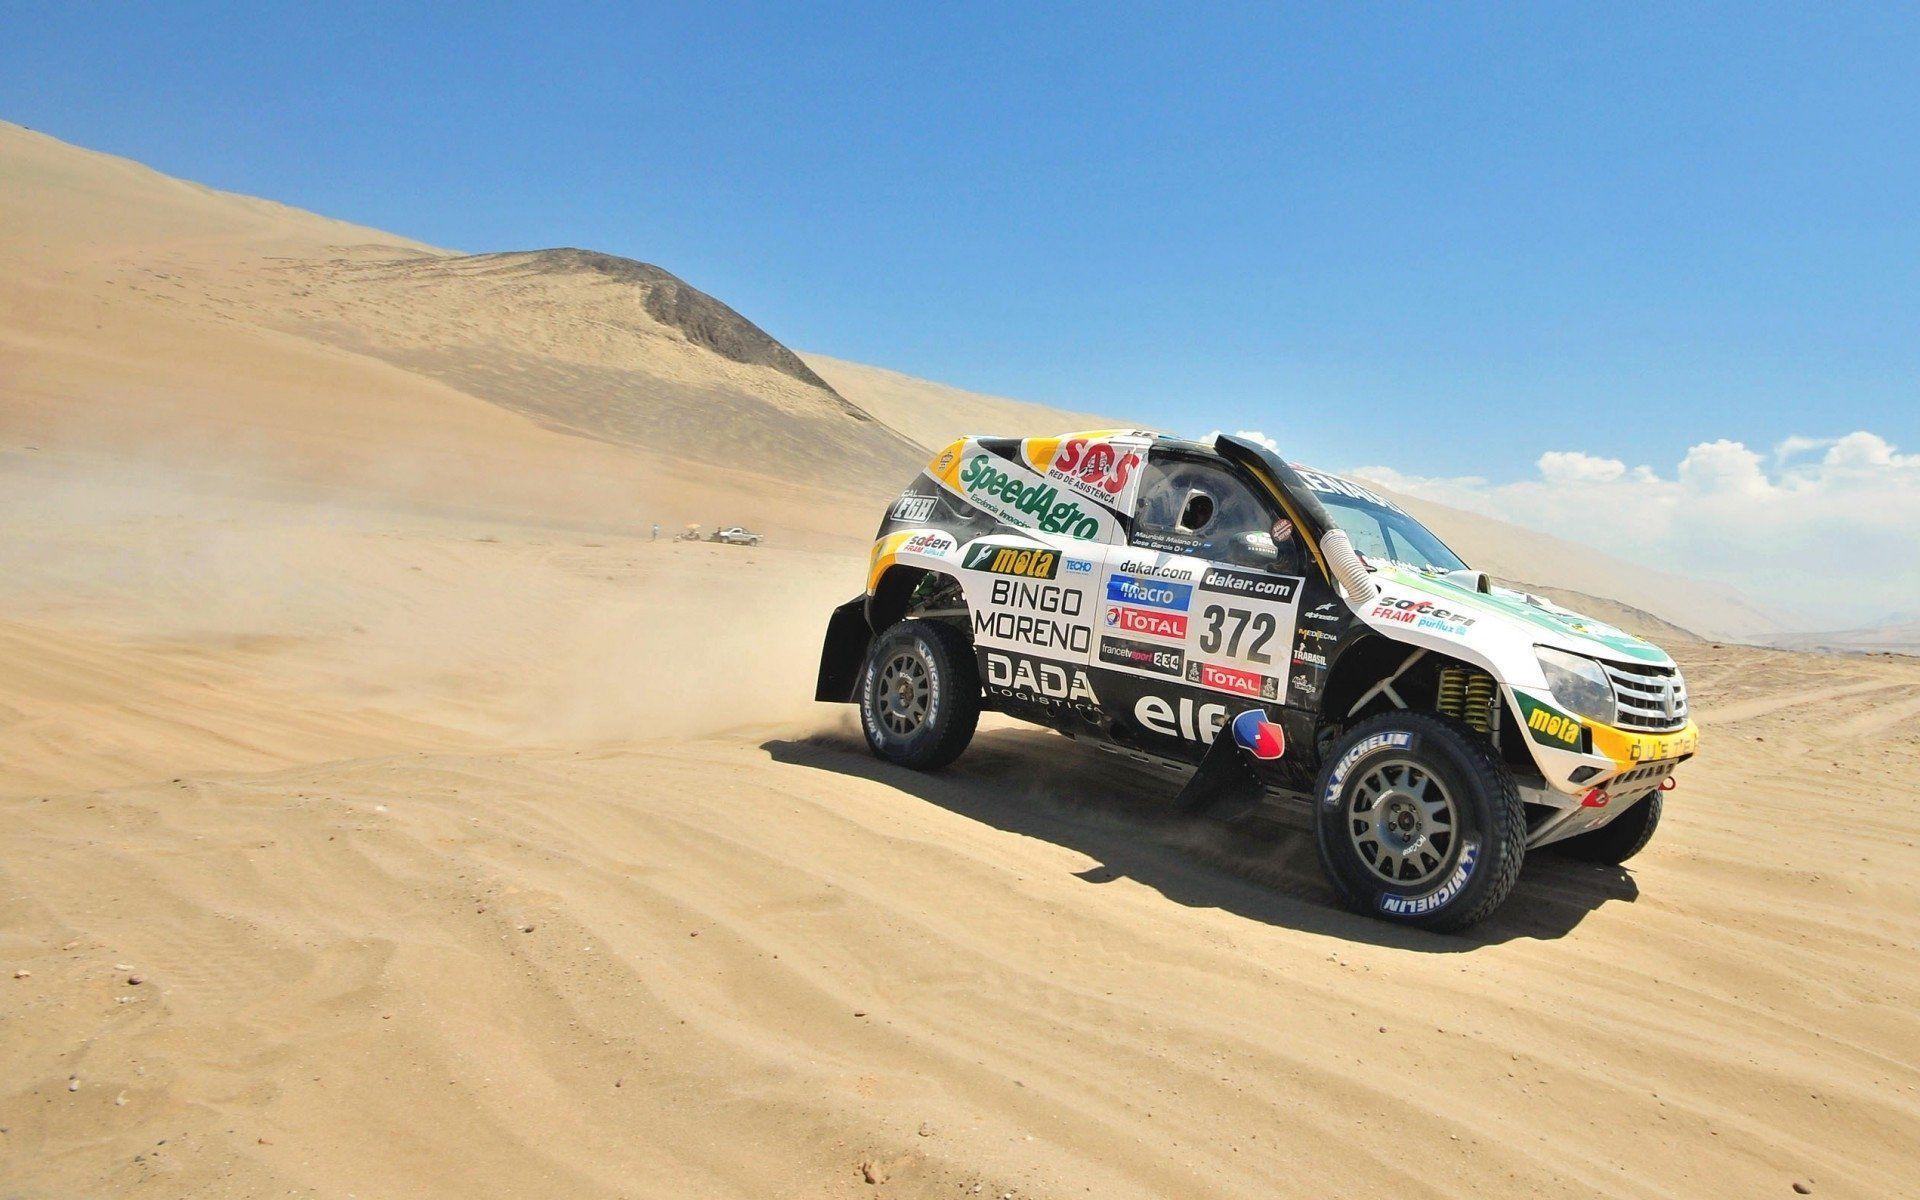 8 Dakar HD Wallpapers | Backgrounds - Wallpaper Abyss